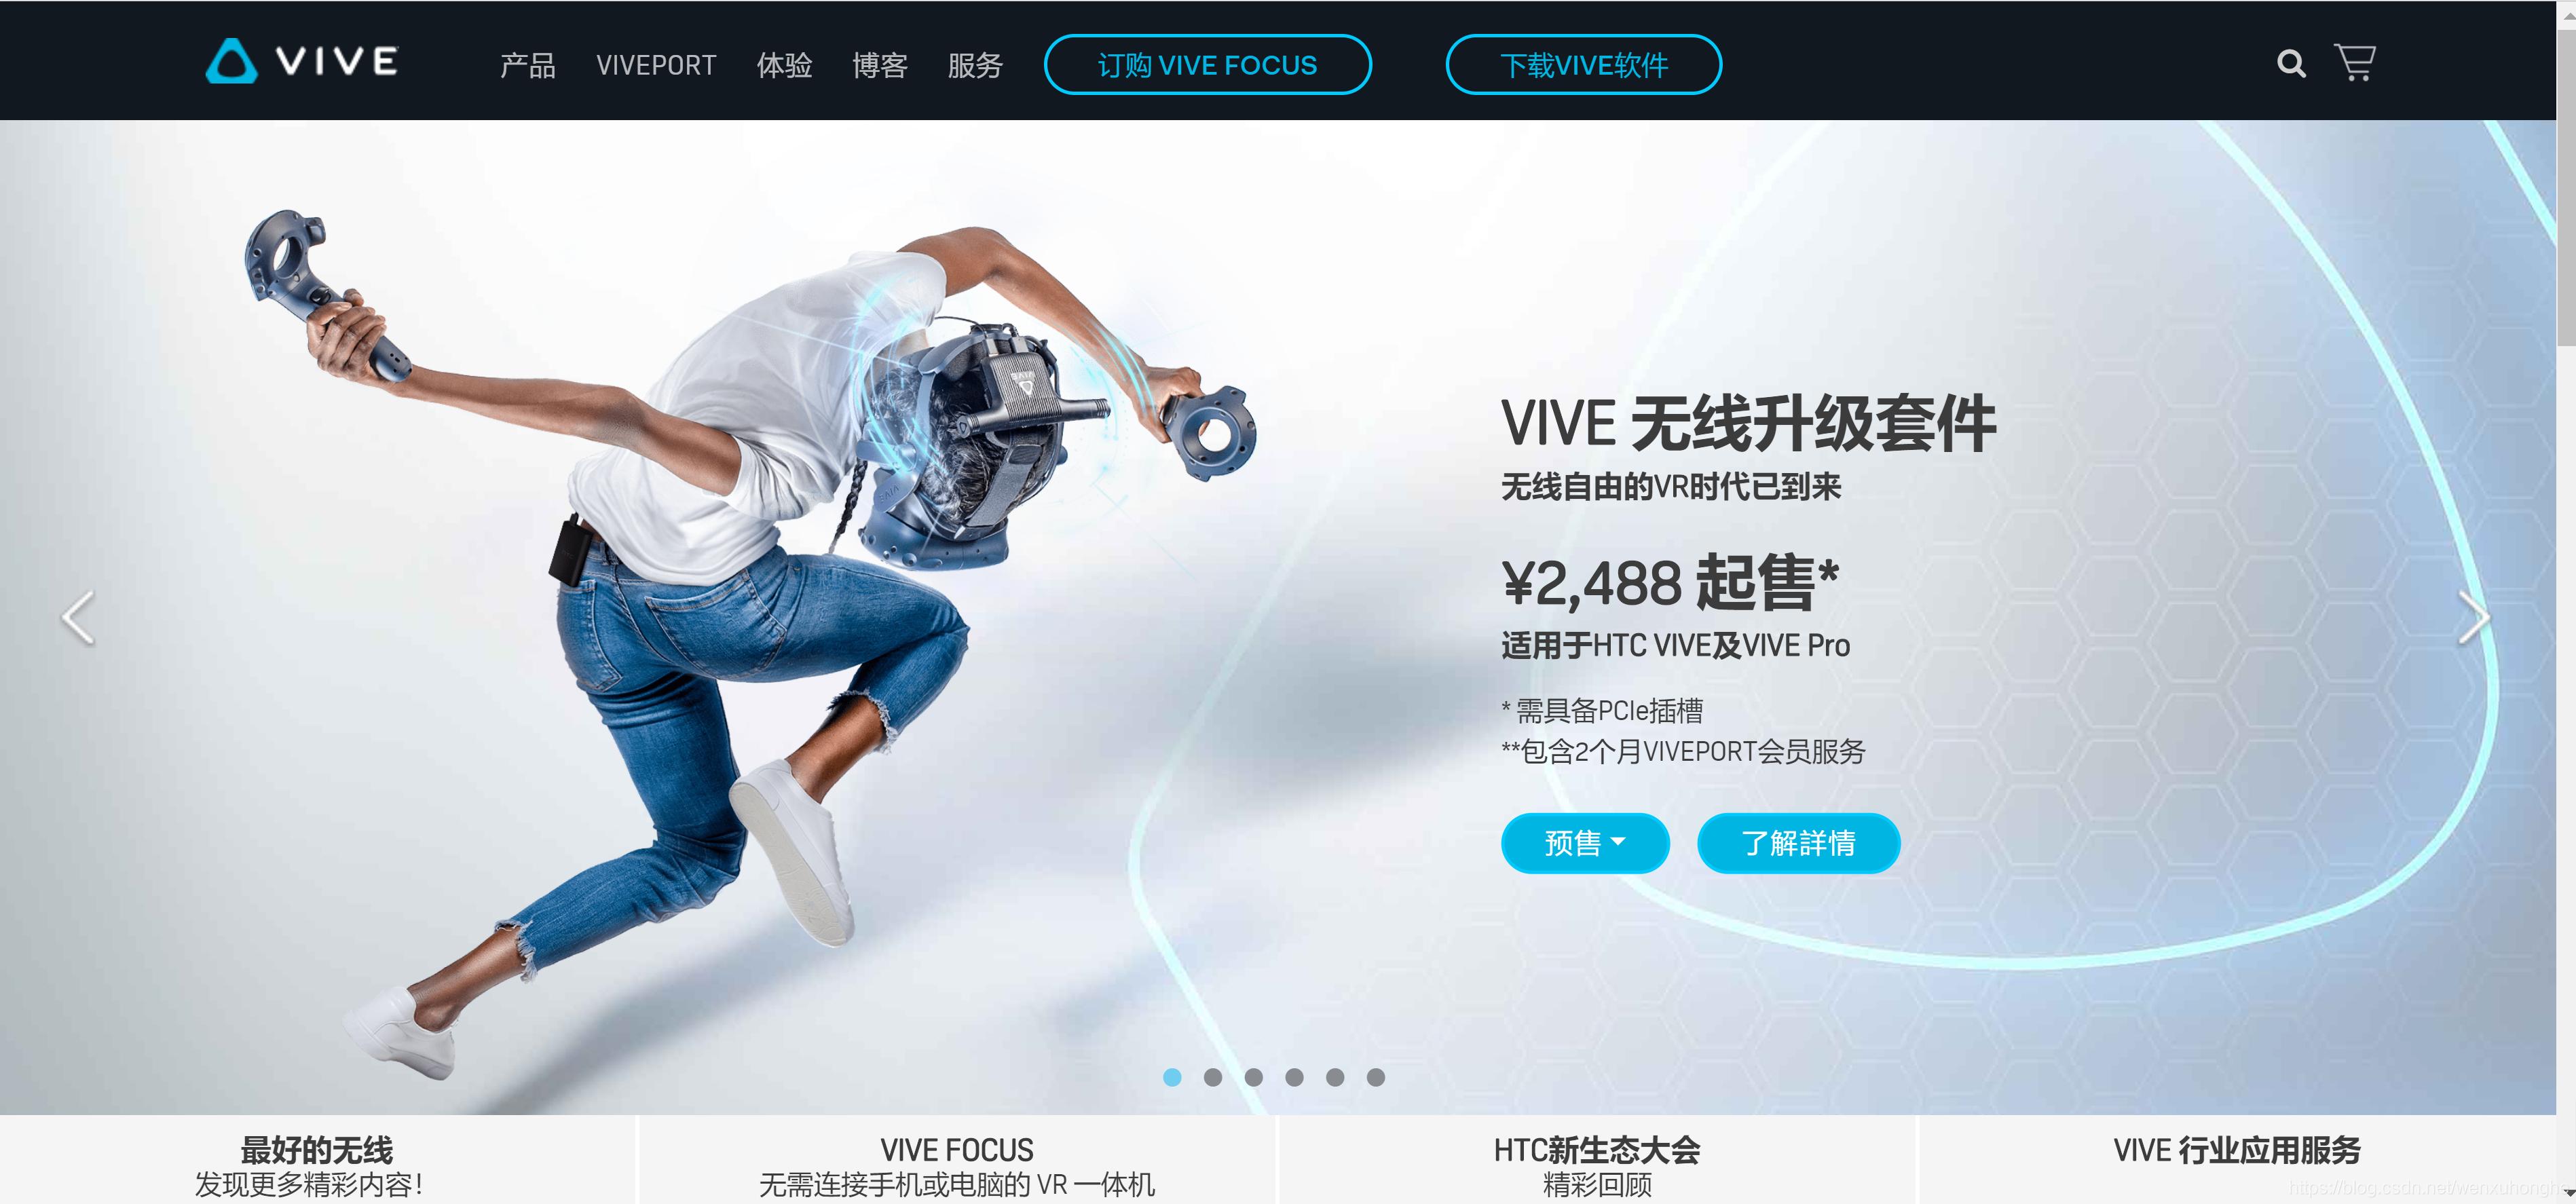 viveport 网站主页